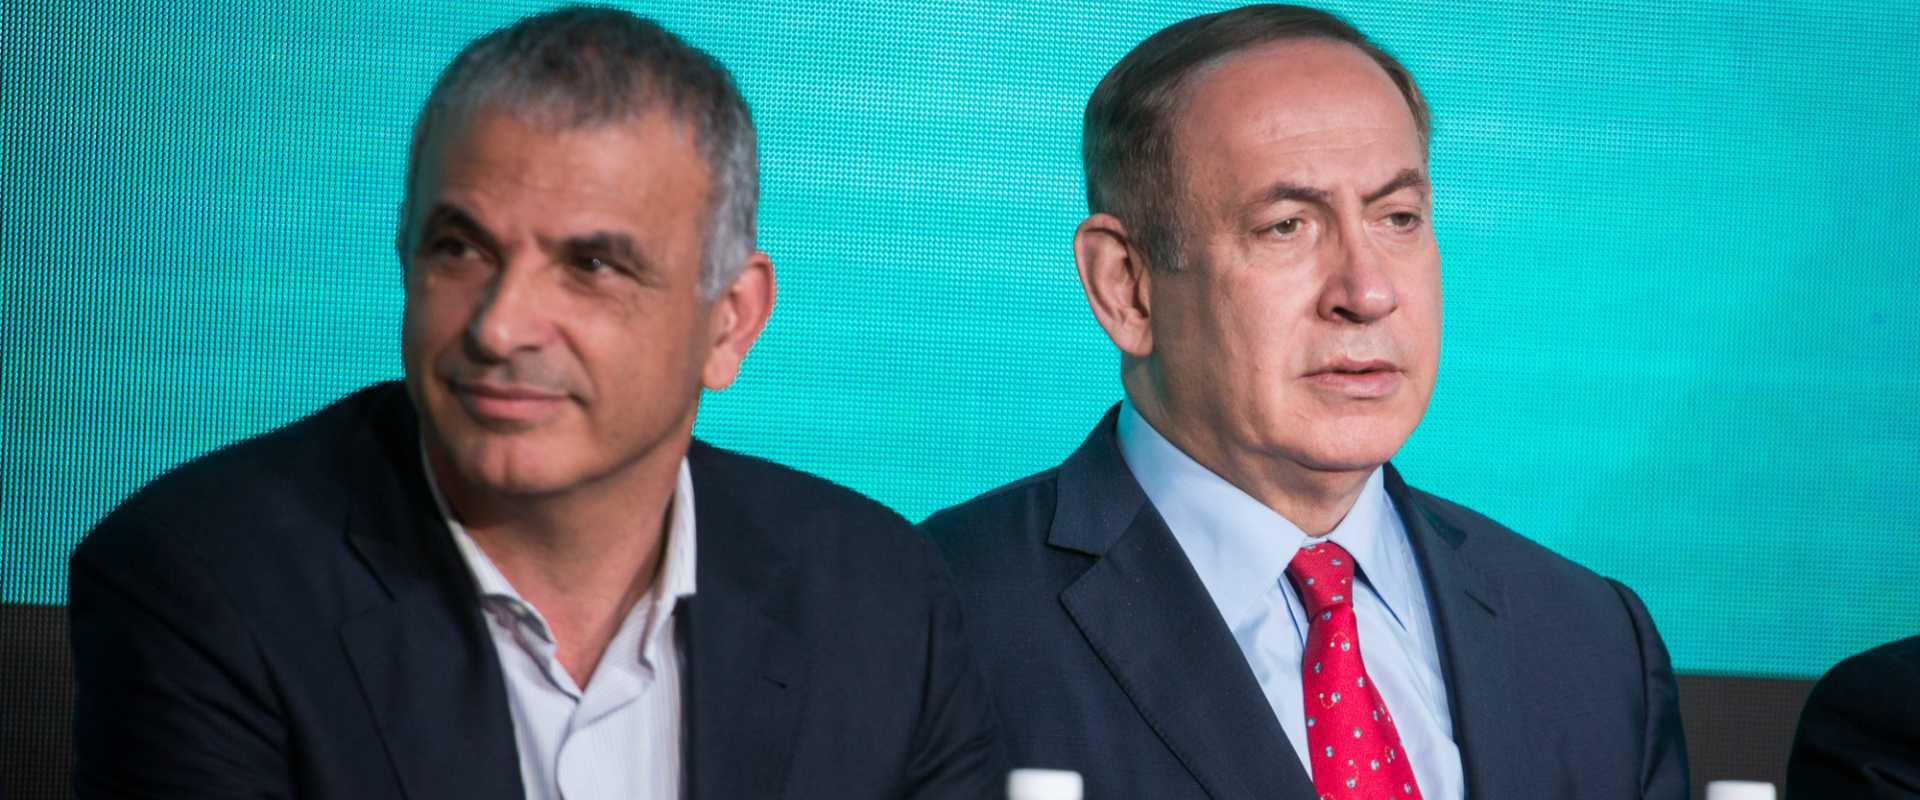 ראש הממשלה בנימין נתניהו ושר האוצר משה כחלון